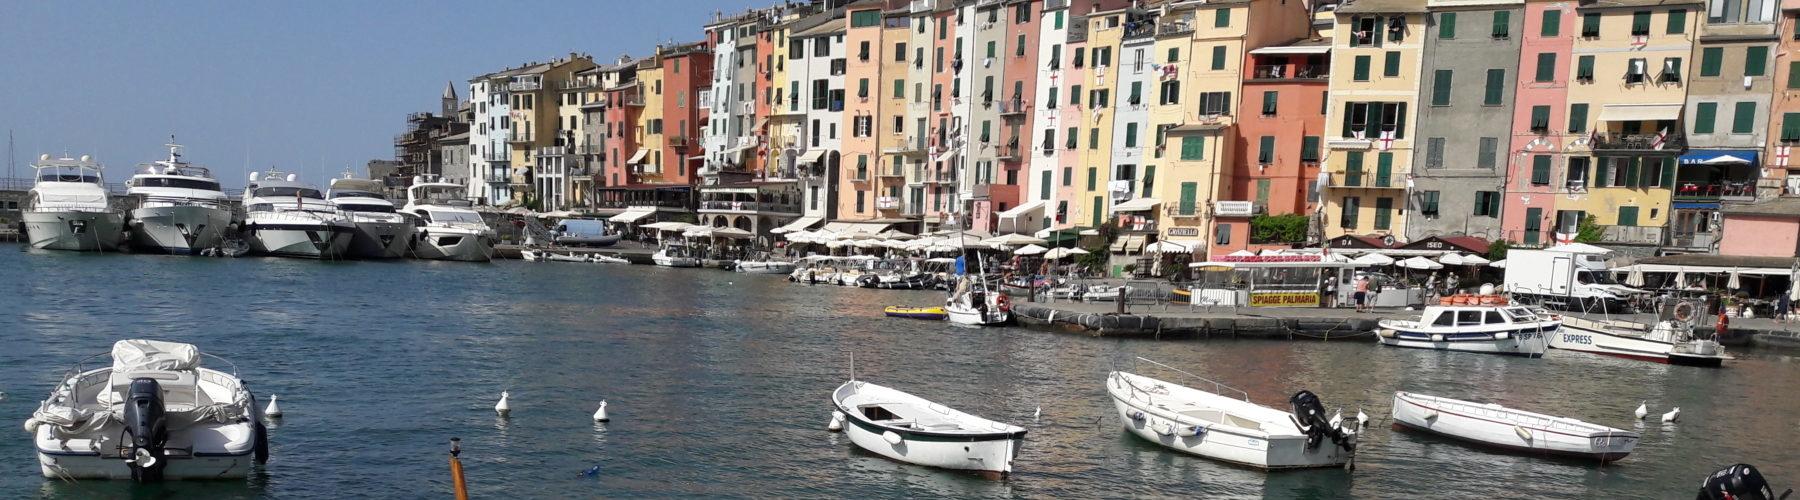 Italie- Les Cinque Terre